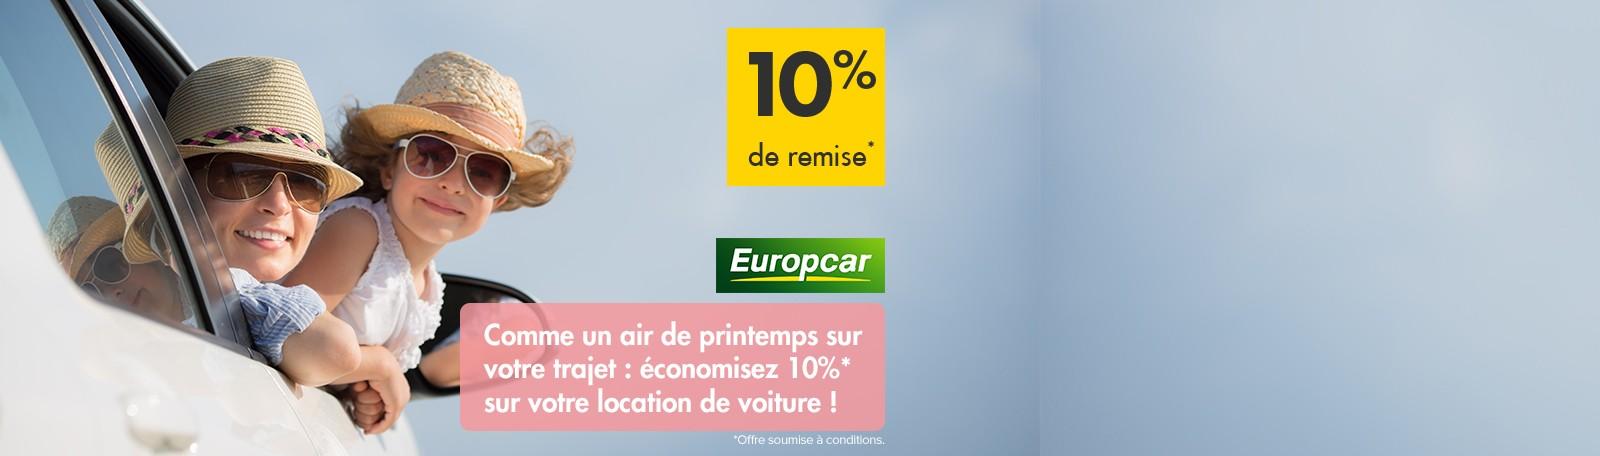 Offre Europcar 2018 : 10% de réduction